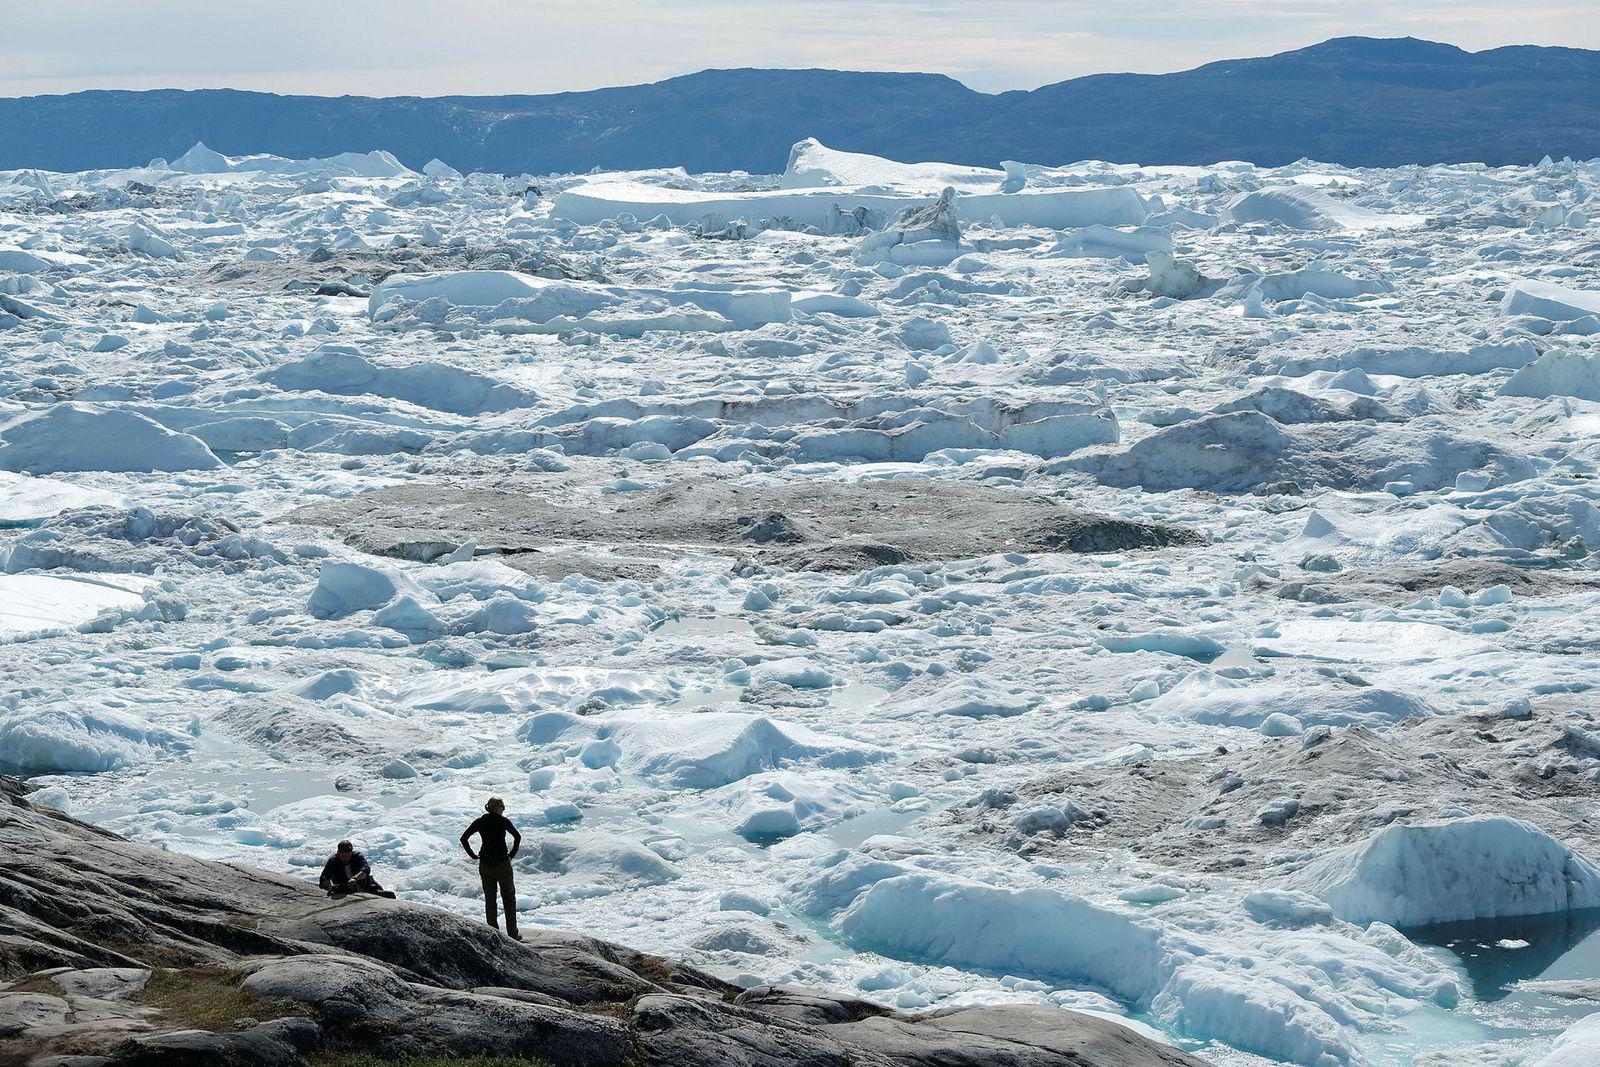 Turister ser på isen som flyter i Isfjorden ved Ilulissat på Grønland. Hetebølgen som noen dager tidligere sendte temperaturer til rekordnivåer i deler av Europa, traff Grønland de siste dagen i juli. Klimaendringene har en betydelig effekt på Grønland, der somrene er blitt lengre og isbreene trekker seg tilbake med stadig større hastighet.